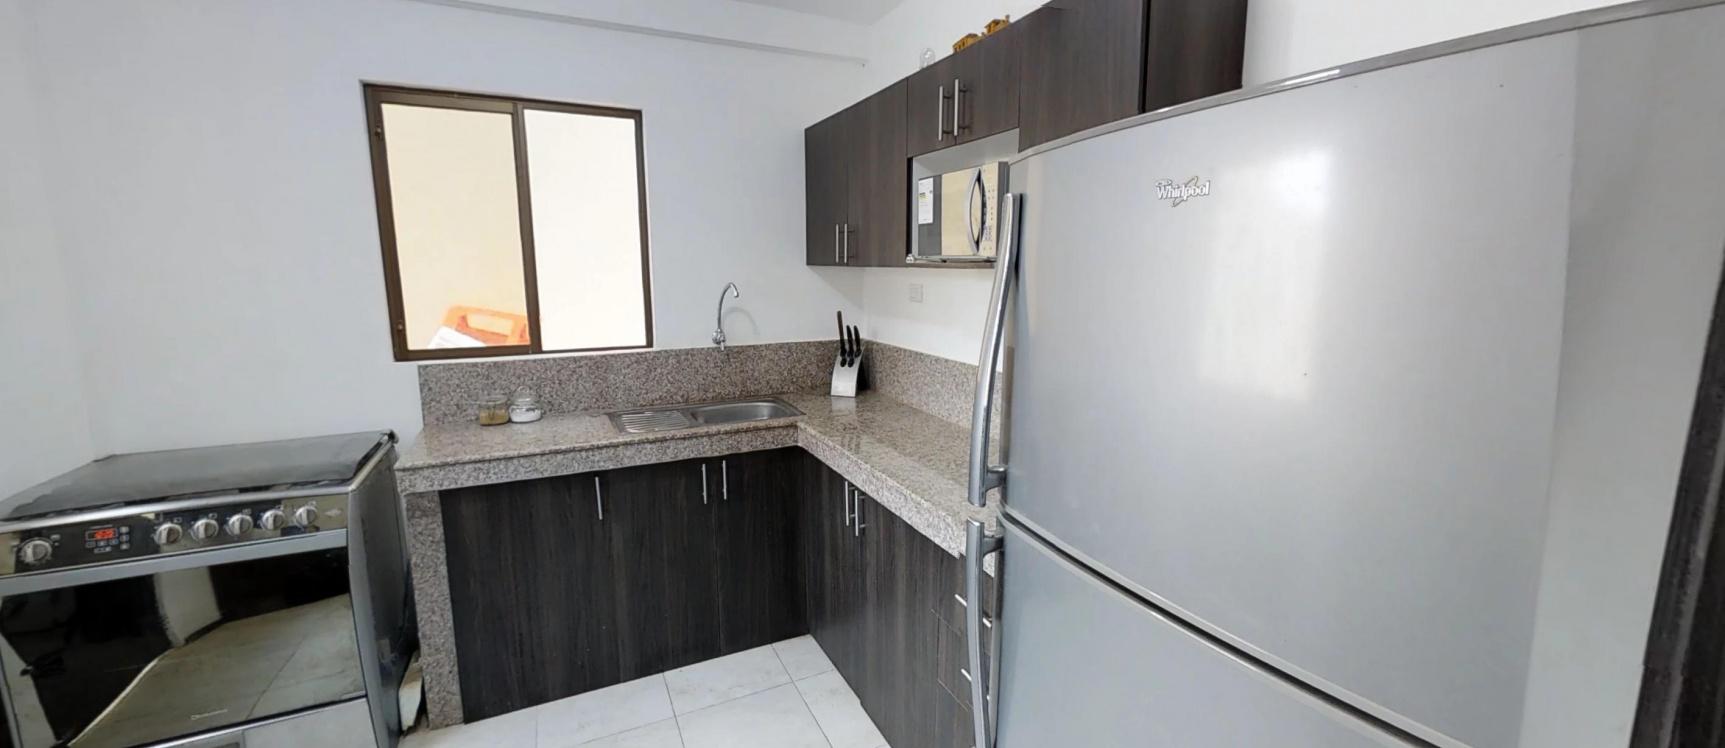 GeoBienes - Casa en venta en urbanización la Joya etapa Gema via Daule - Samborondon - Plusvalia Guayaquil Casas de venta y alquiler Inmobiliaria Ecuador